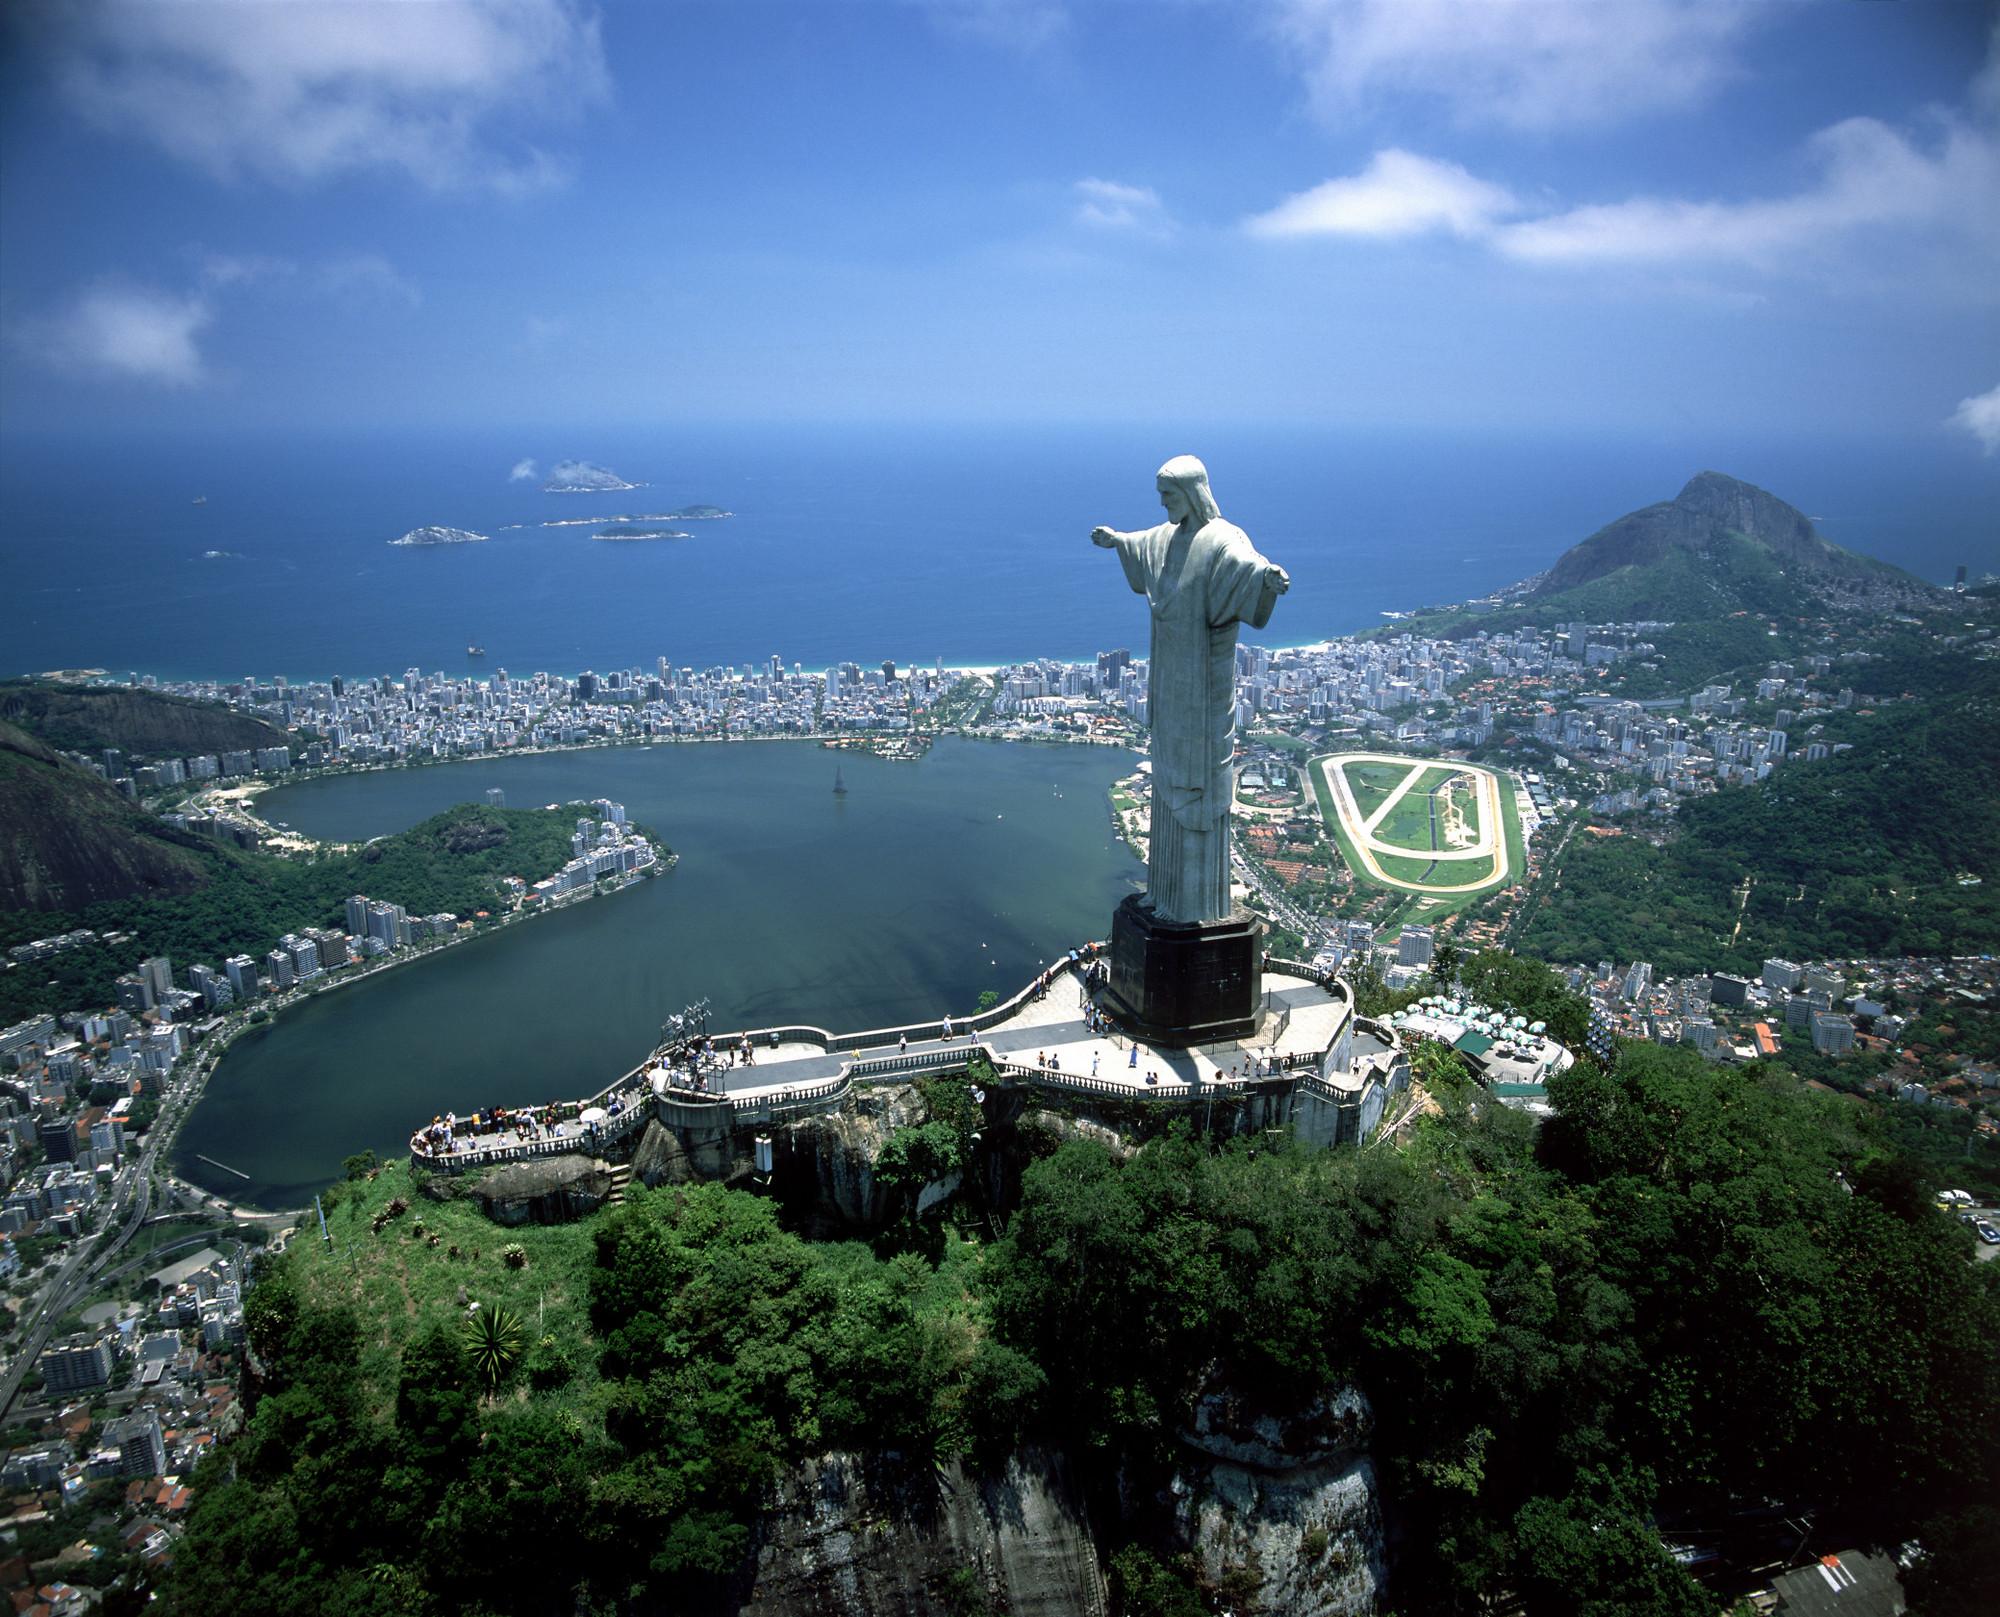 Christ Redeemer: Rio de Janeiro, Brazil